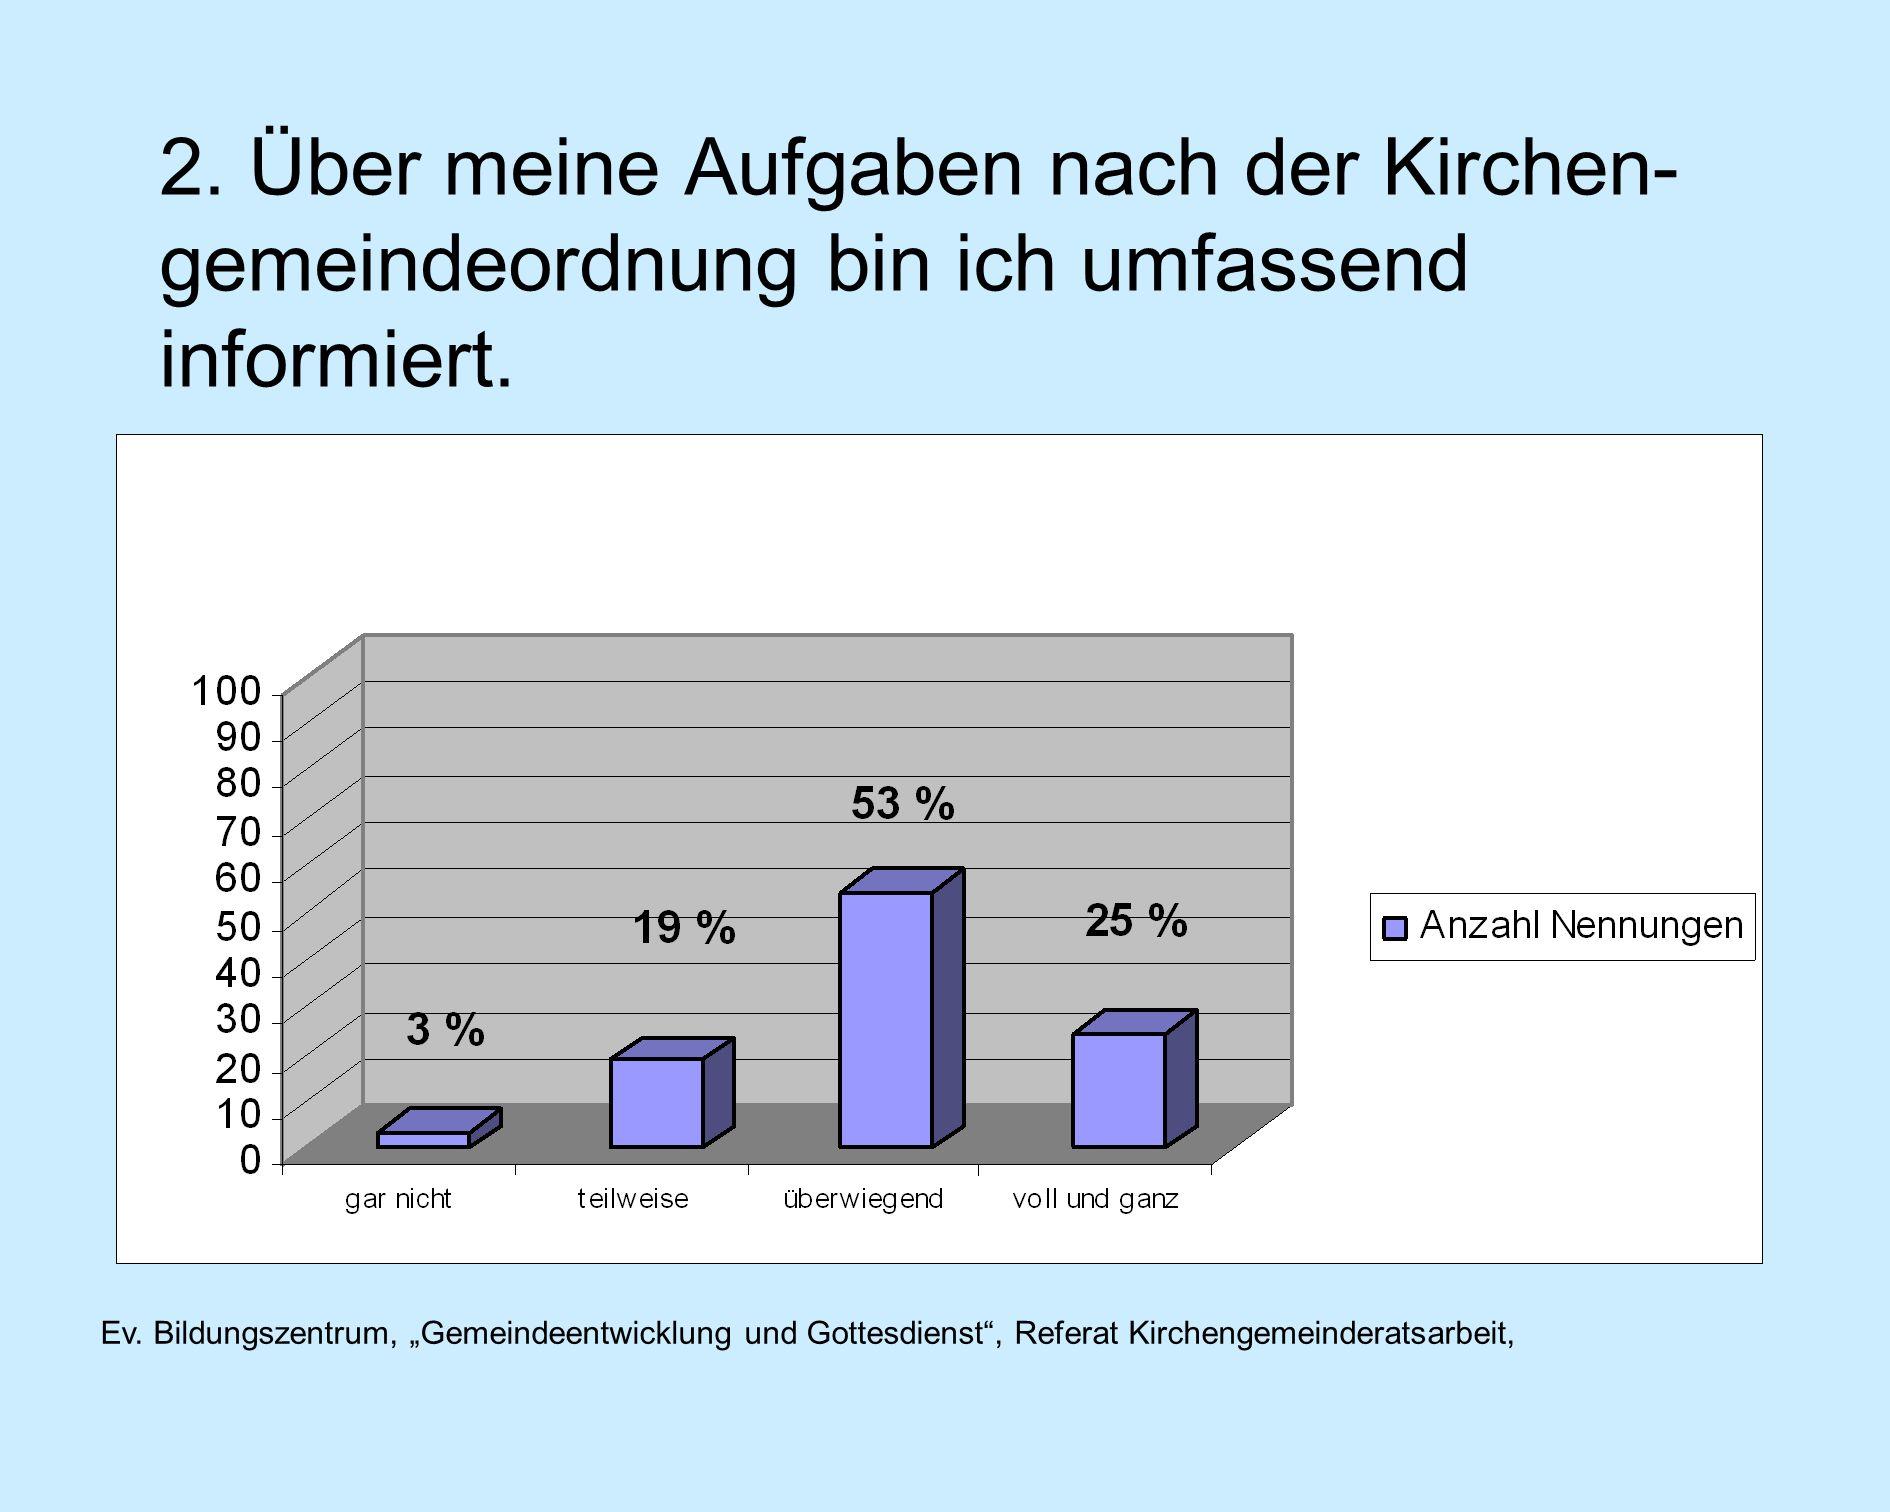 Ev. Bildungszentrum, Gemeindeentwicklung und Gottesdienst, Referat Kirchengemeinderatsarbeit, 2.